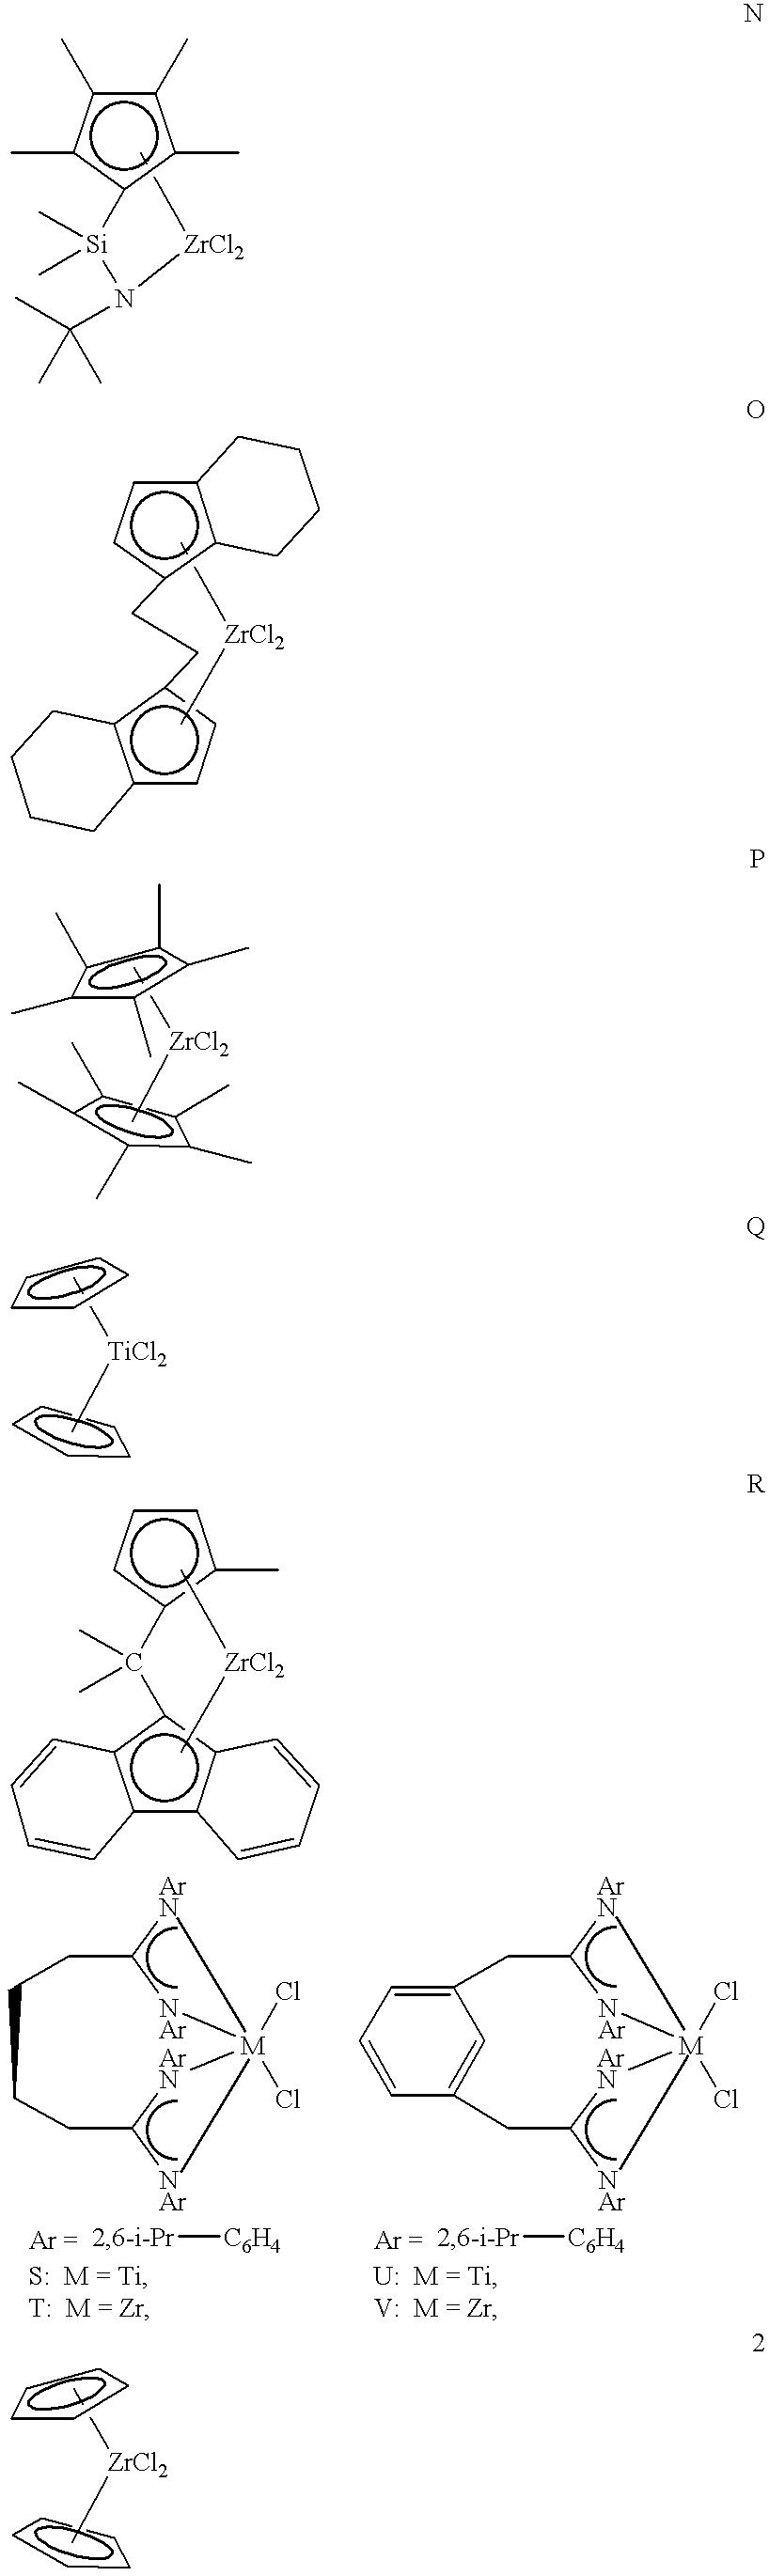 Figure US06417305-20020709-C00036